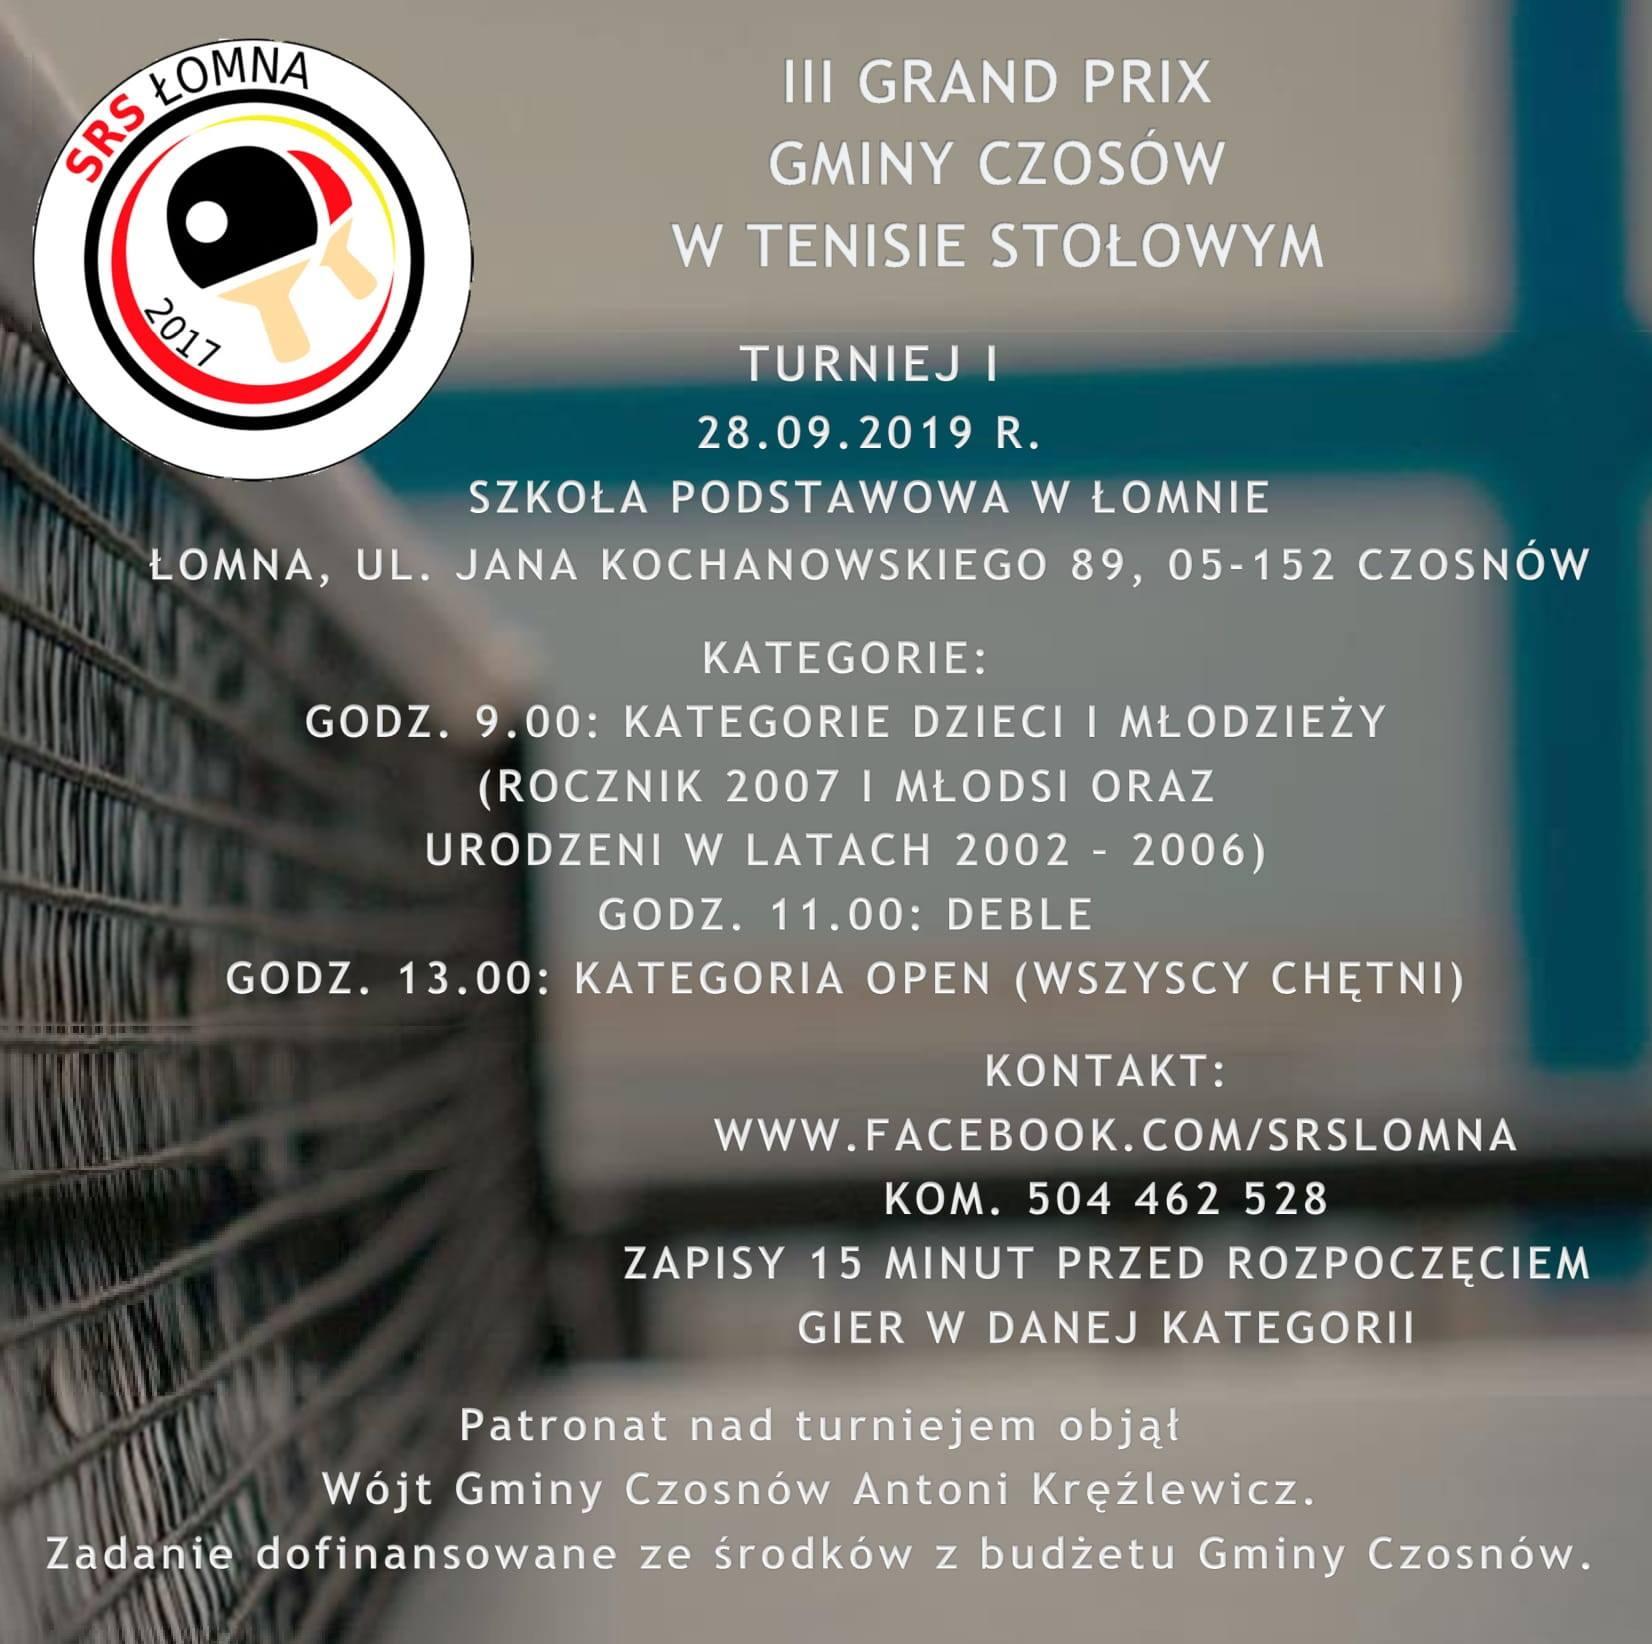 Plakat turnieju III Grand Prix Gminy Czosnów w Tenisie Stołowym - 2 Turniej